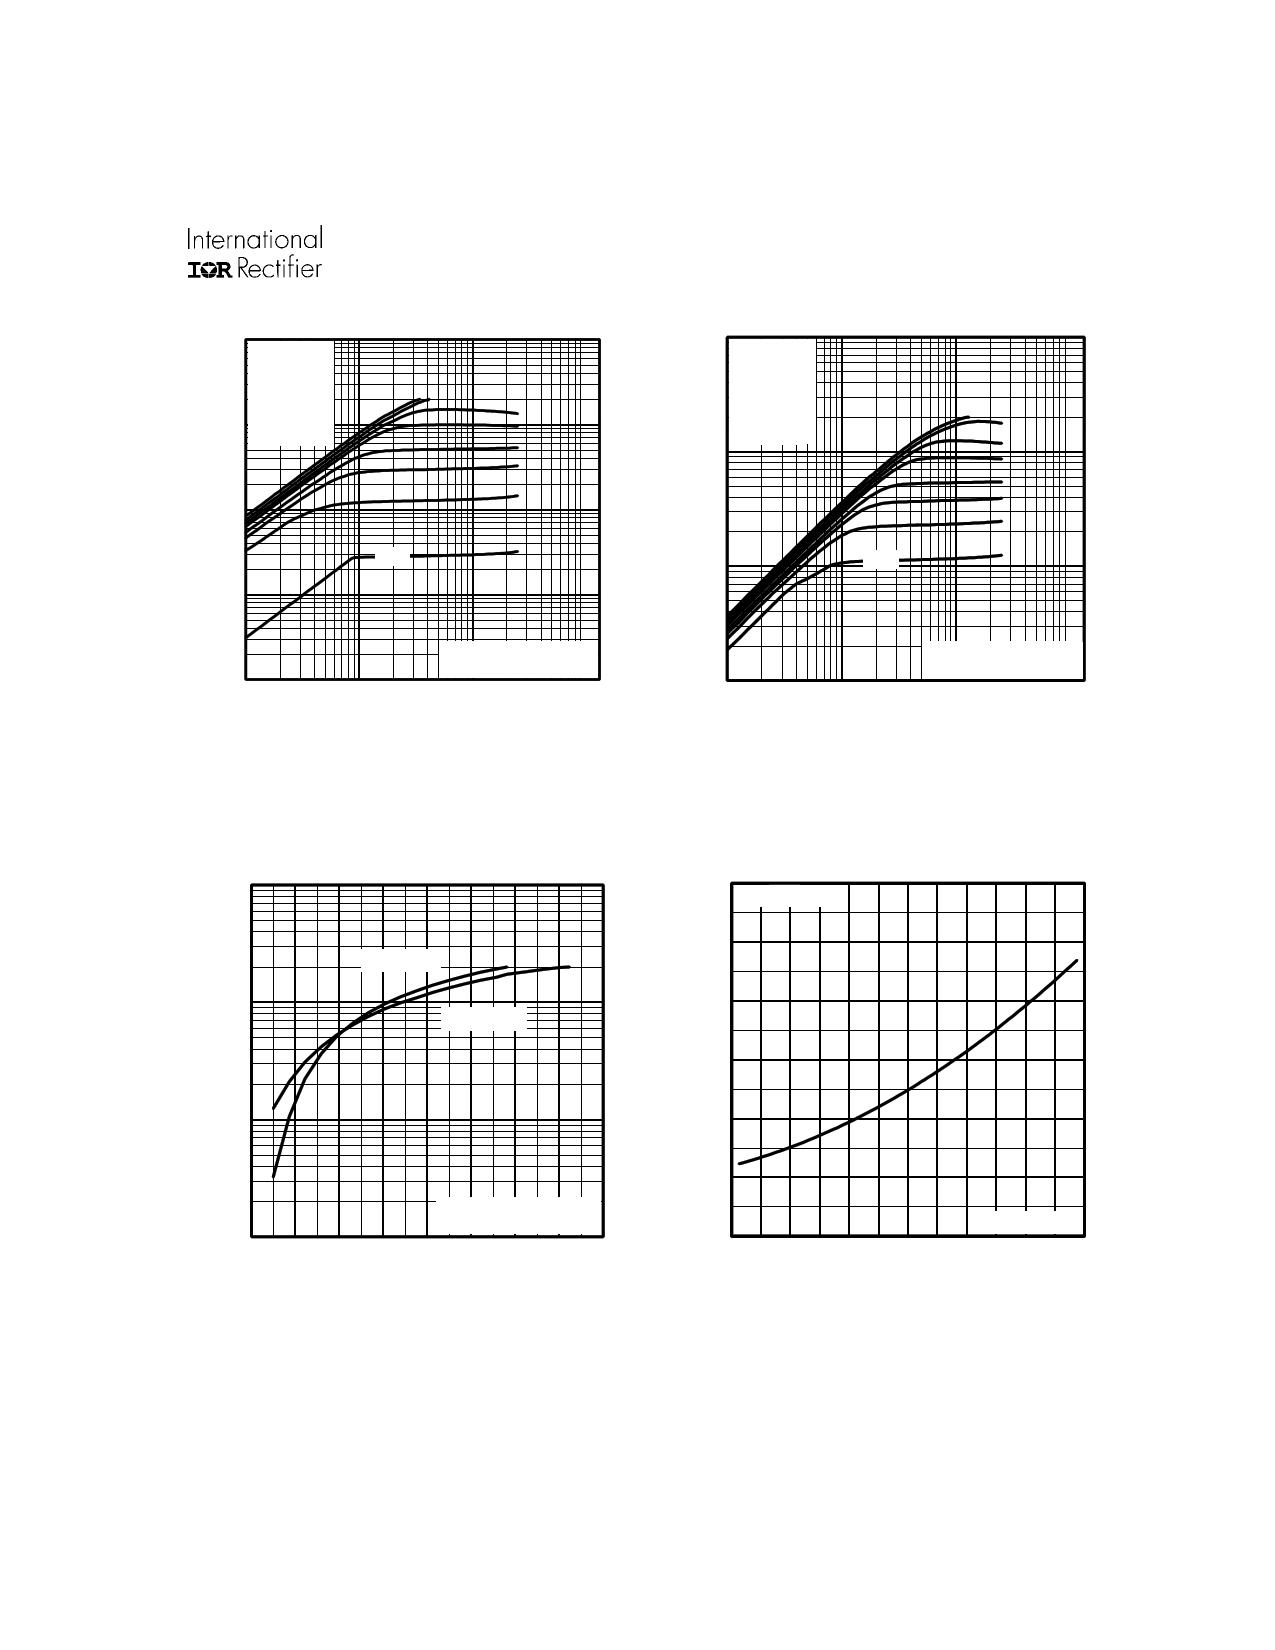 IRFZ44VS pdf, ピン配列